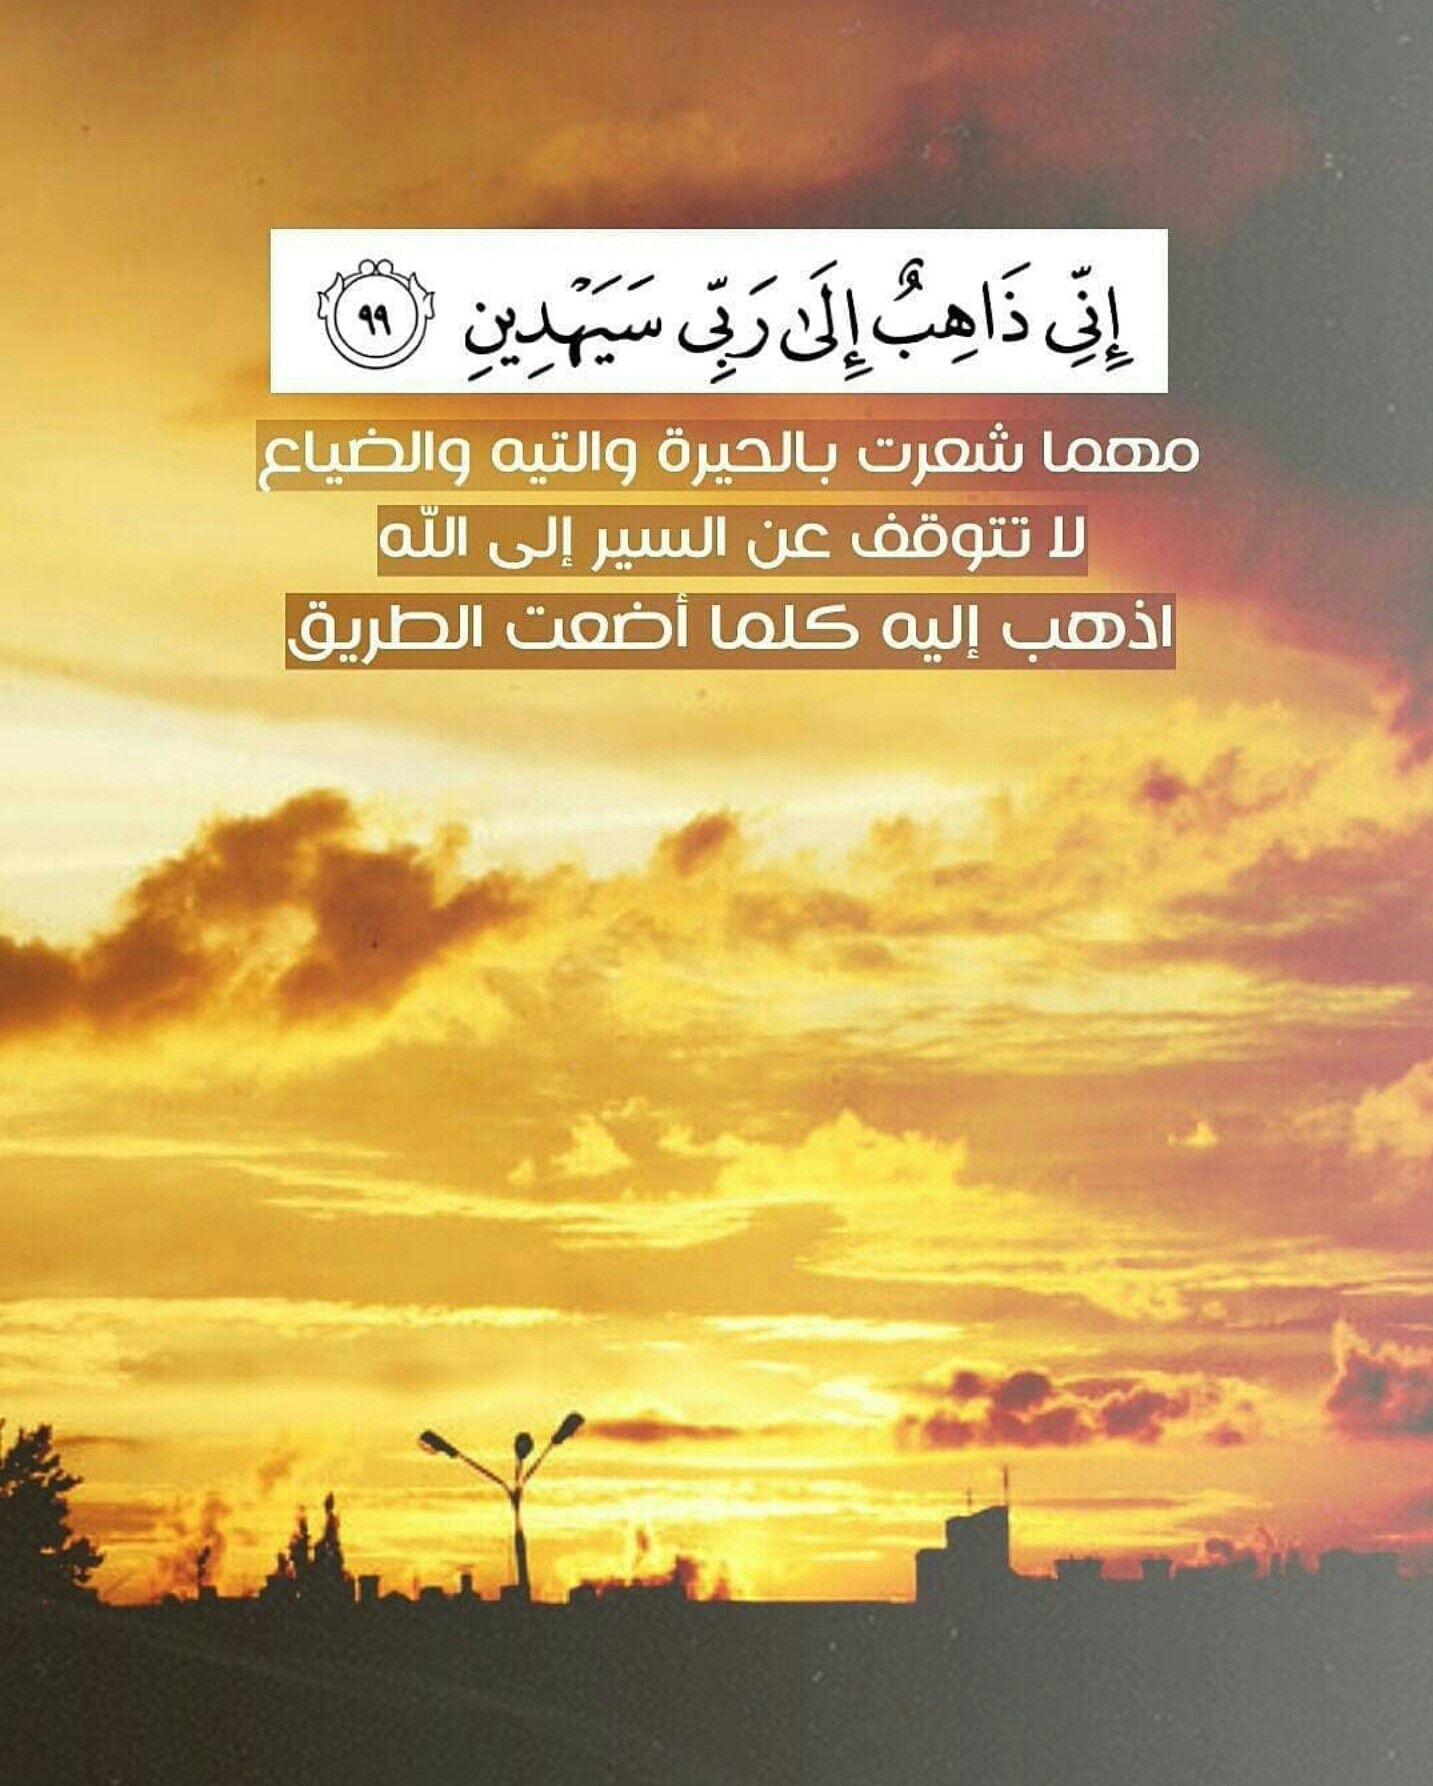 خواطر اسلامية تويتر Quran Quotes Quran Verses Islamic Quotes Quran